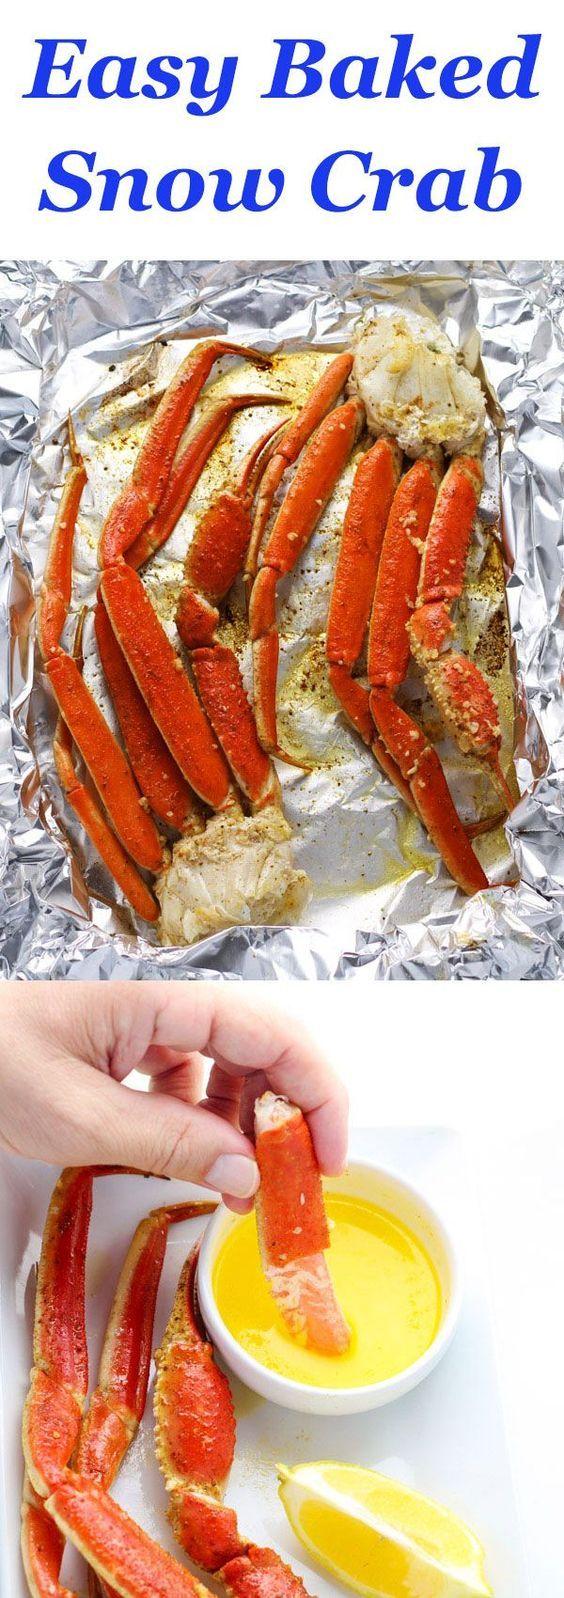 Snow Crab Cake Recipe